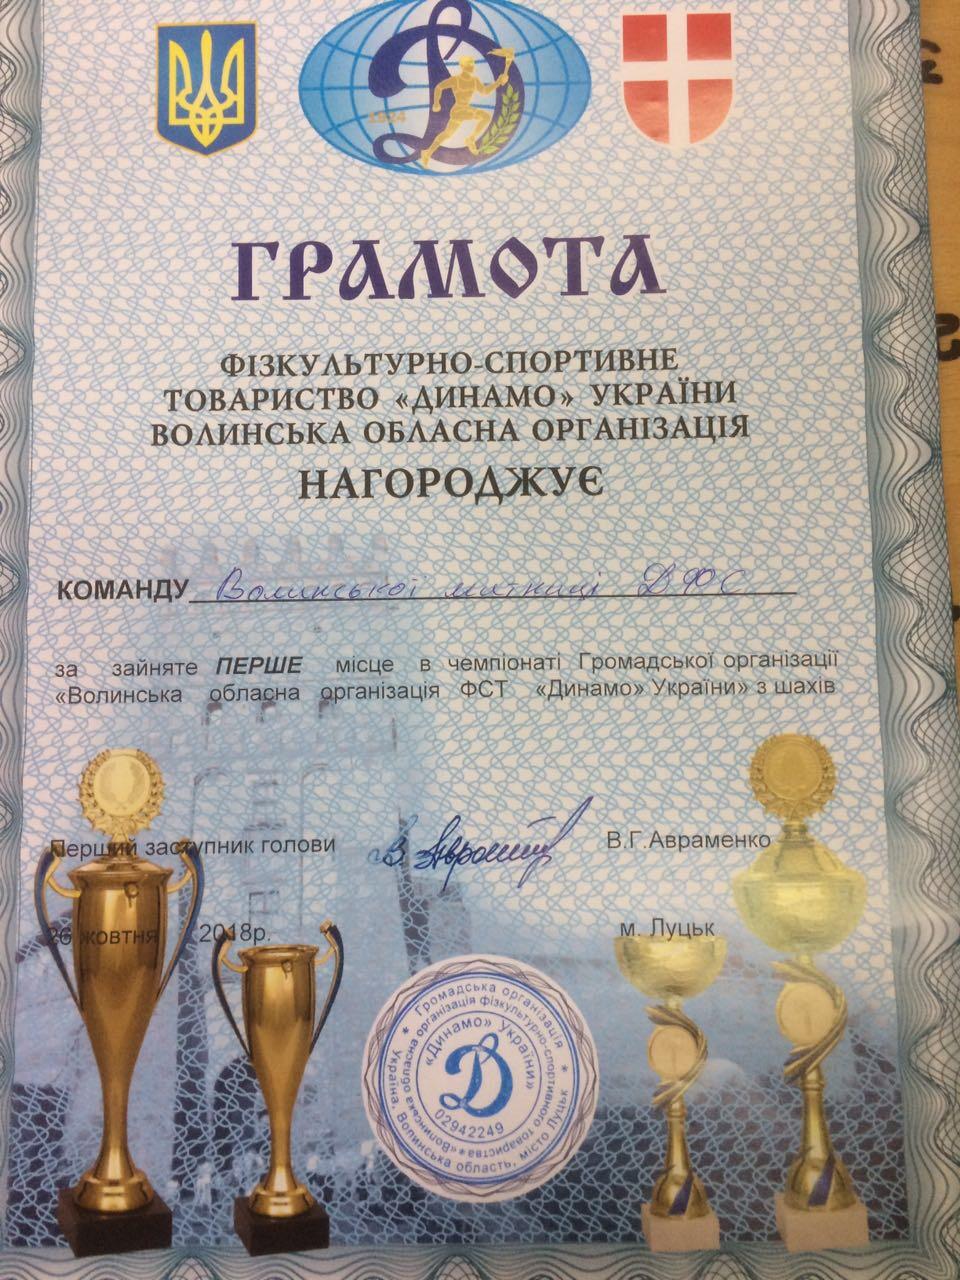 Волинські митники вибороли першість на чемпіонаті із шахів між представниками правоохоронних органів Волині